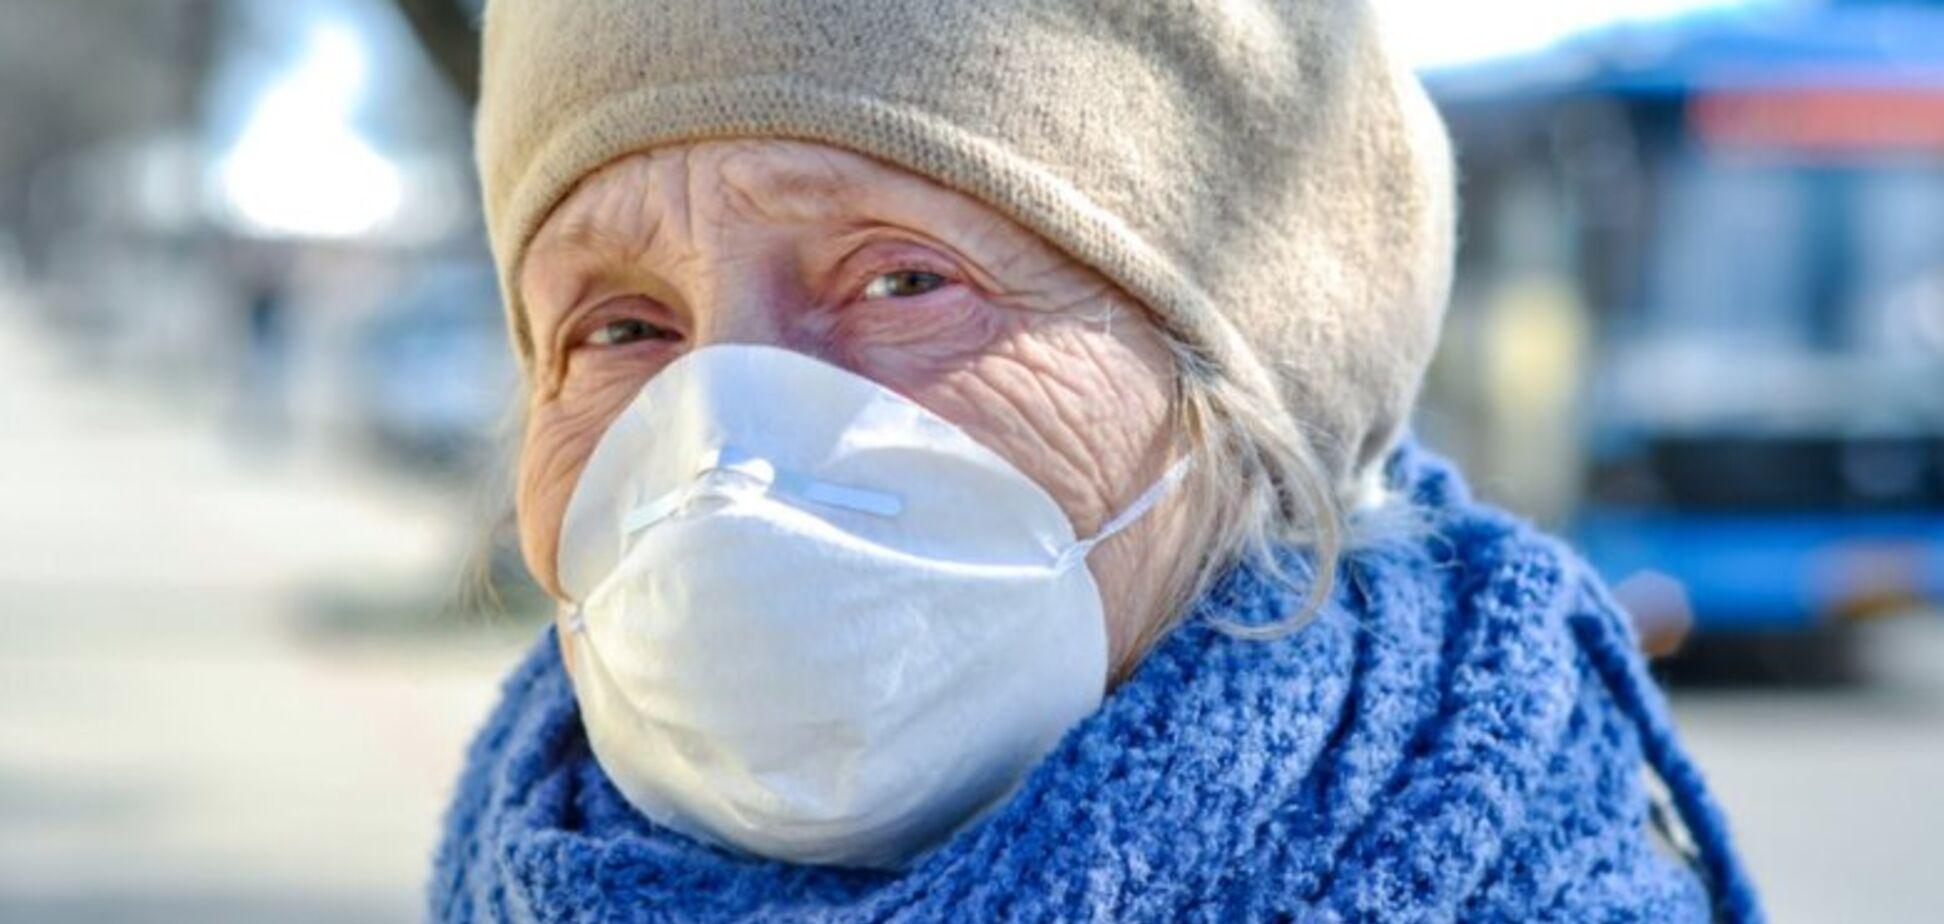 Під Києвом коронавірус спалахнув у будинку для людей похилого віку: є жертви і десятки заражених